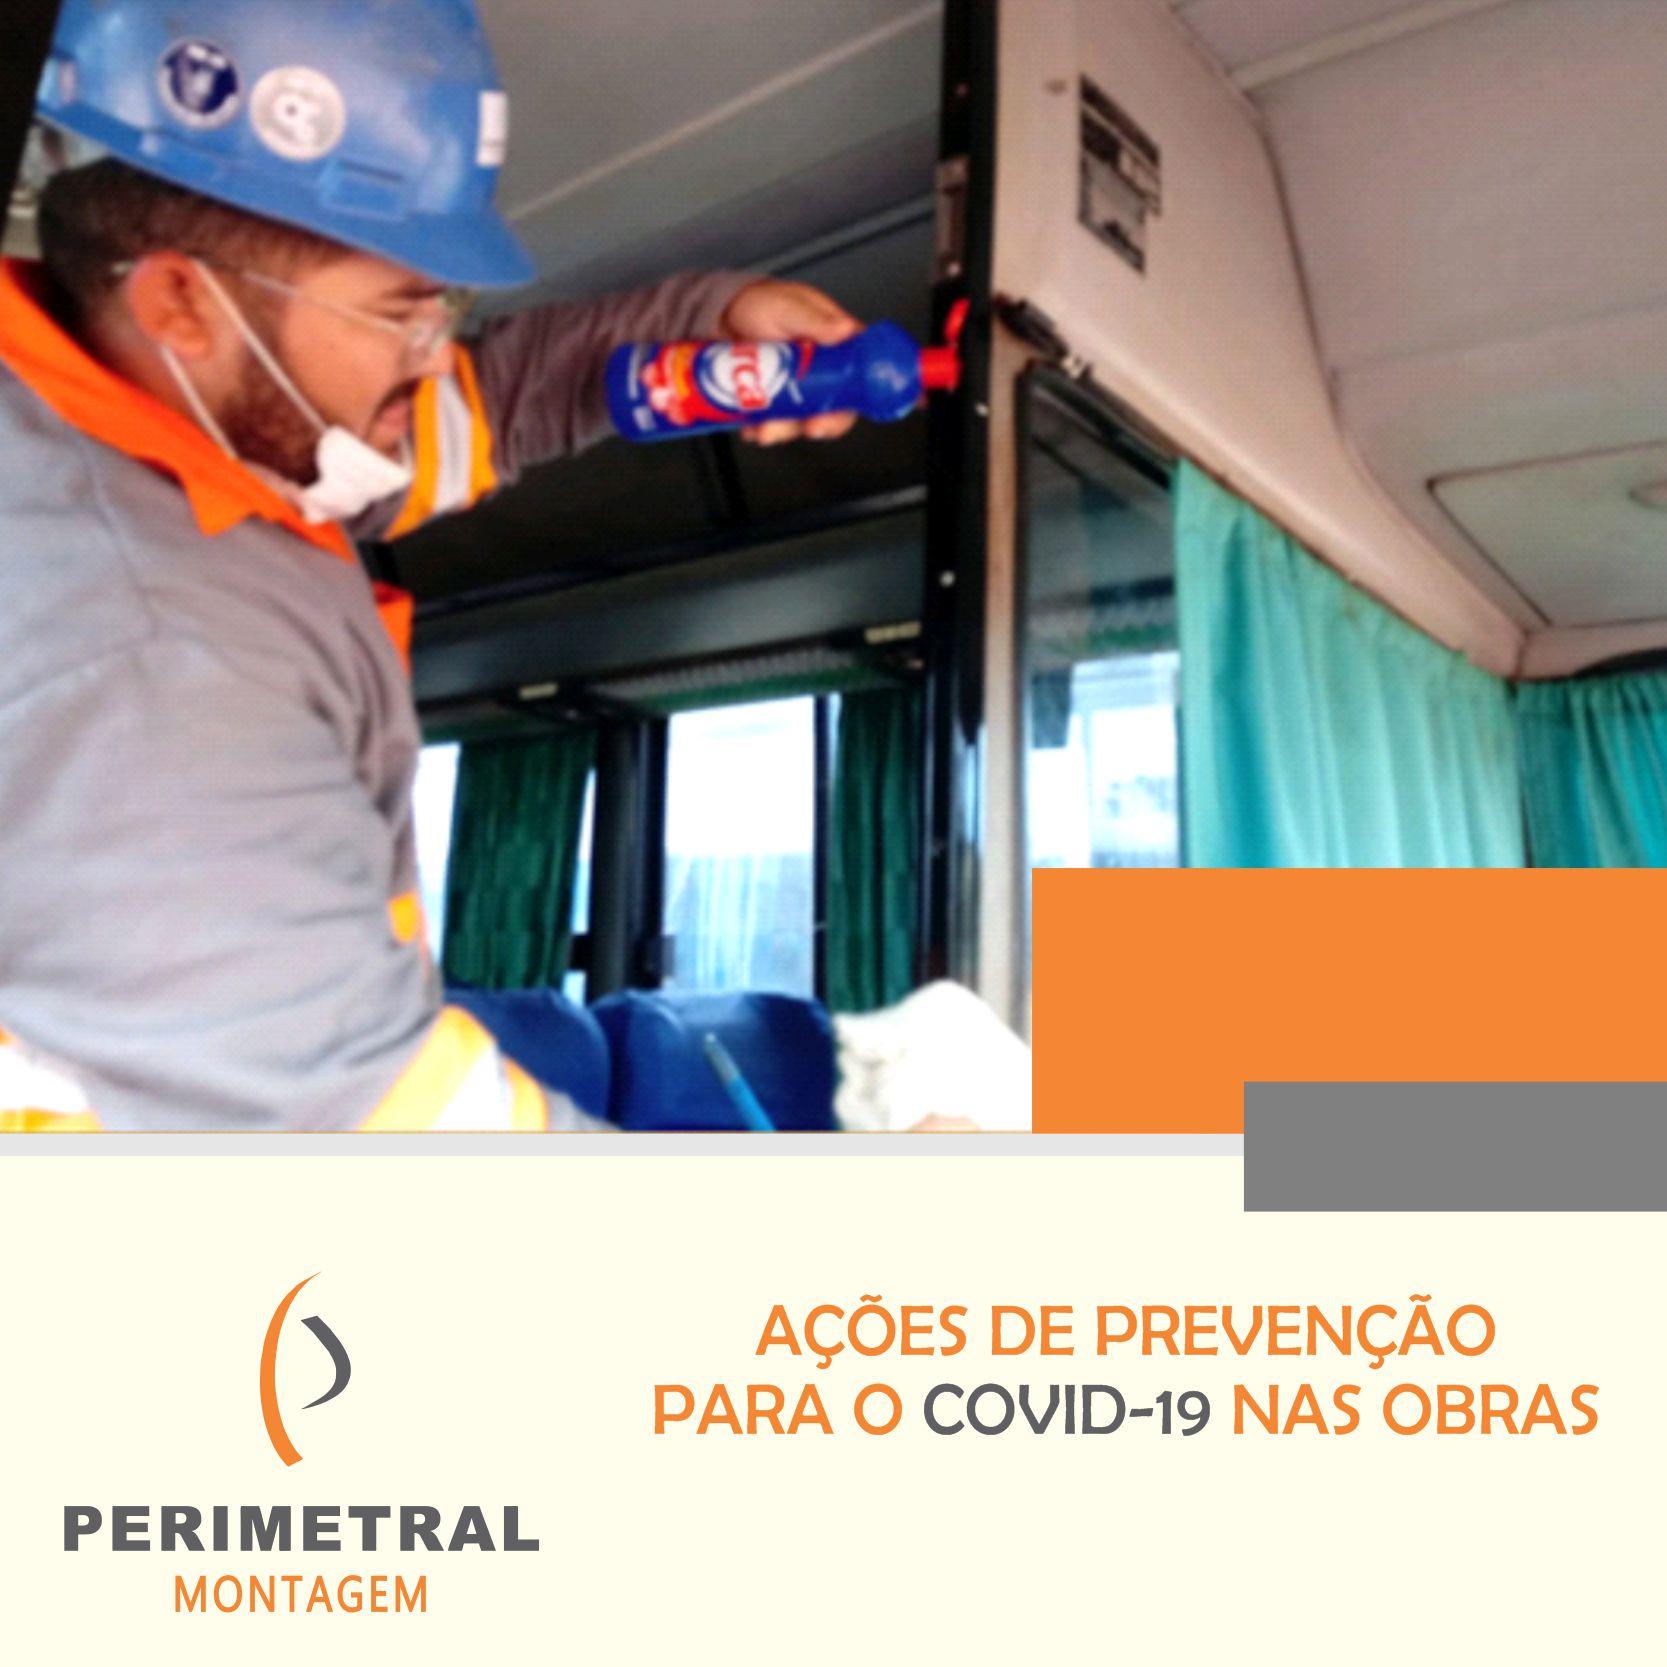 Ação para prevenção de COVID-19 nas obras